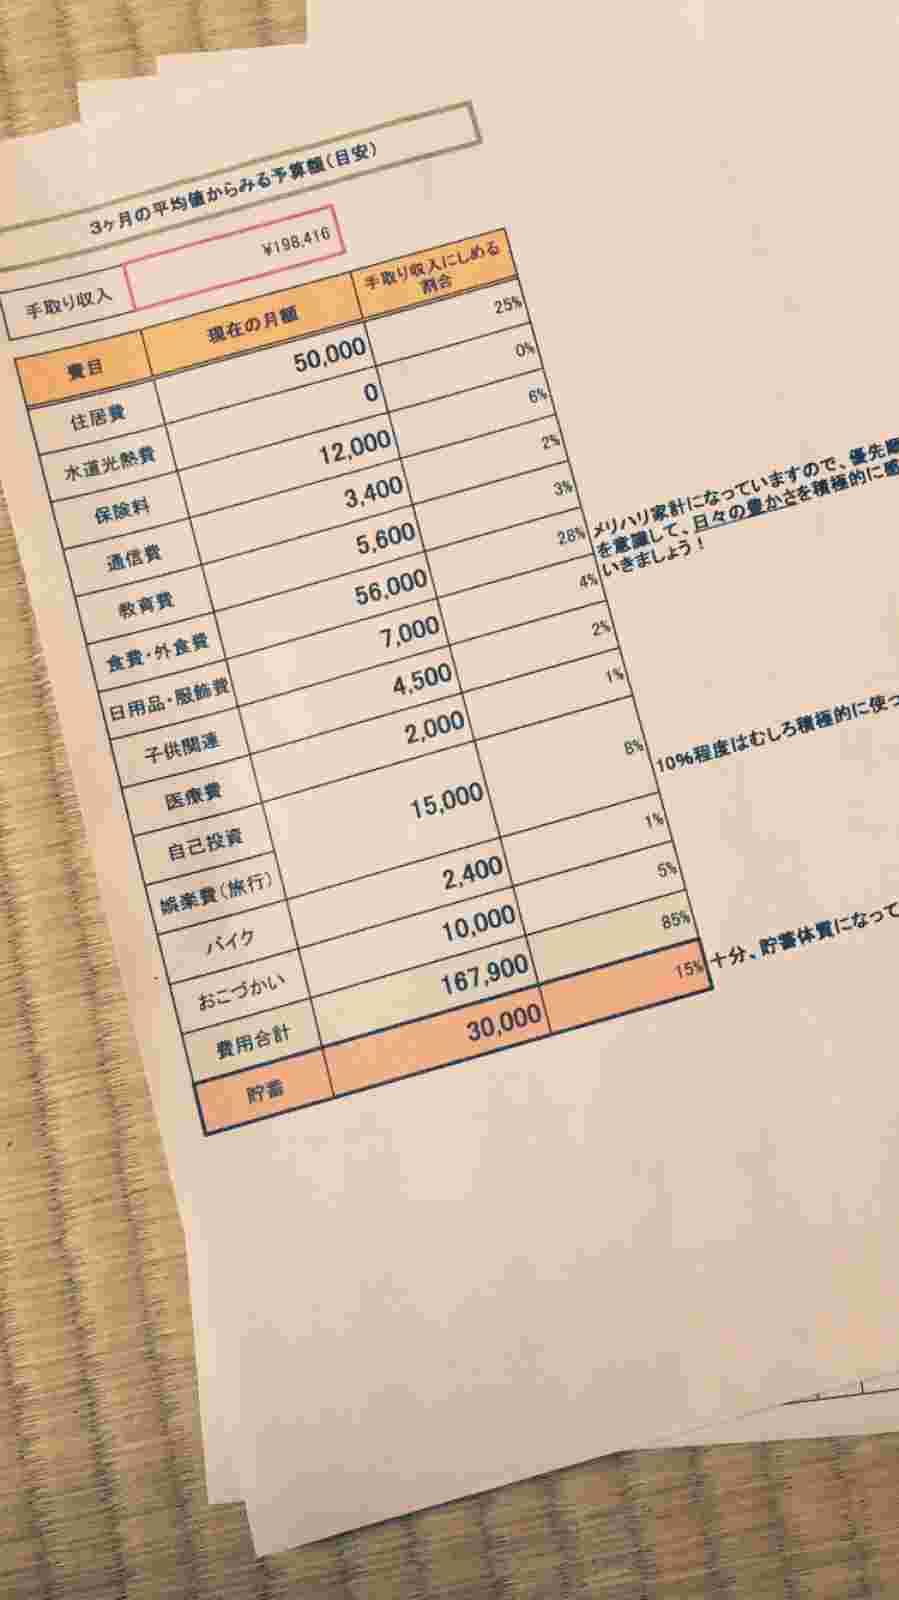 吉永家3か月の家計簿平均値の写真